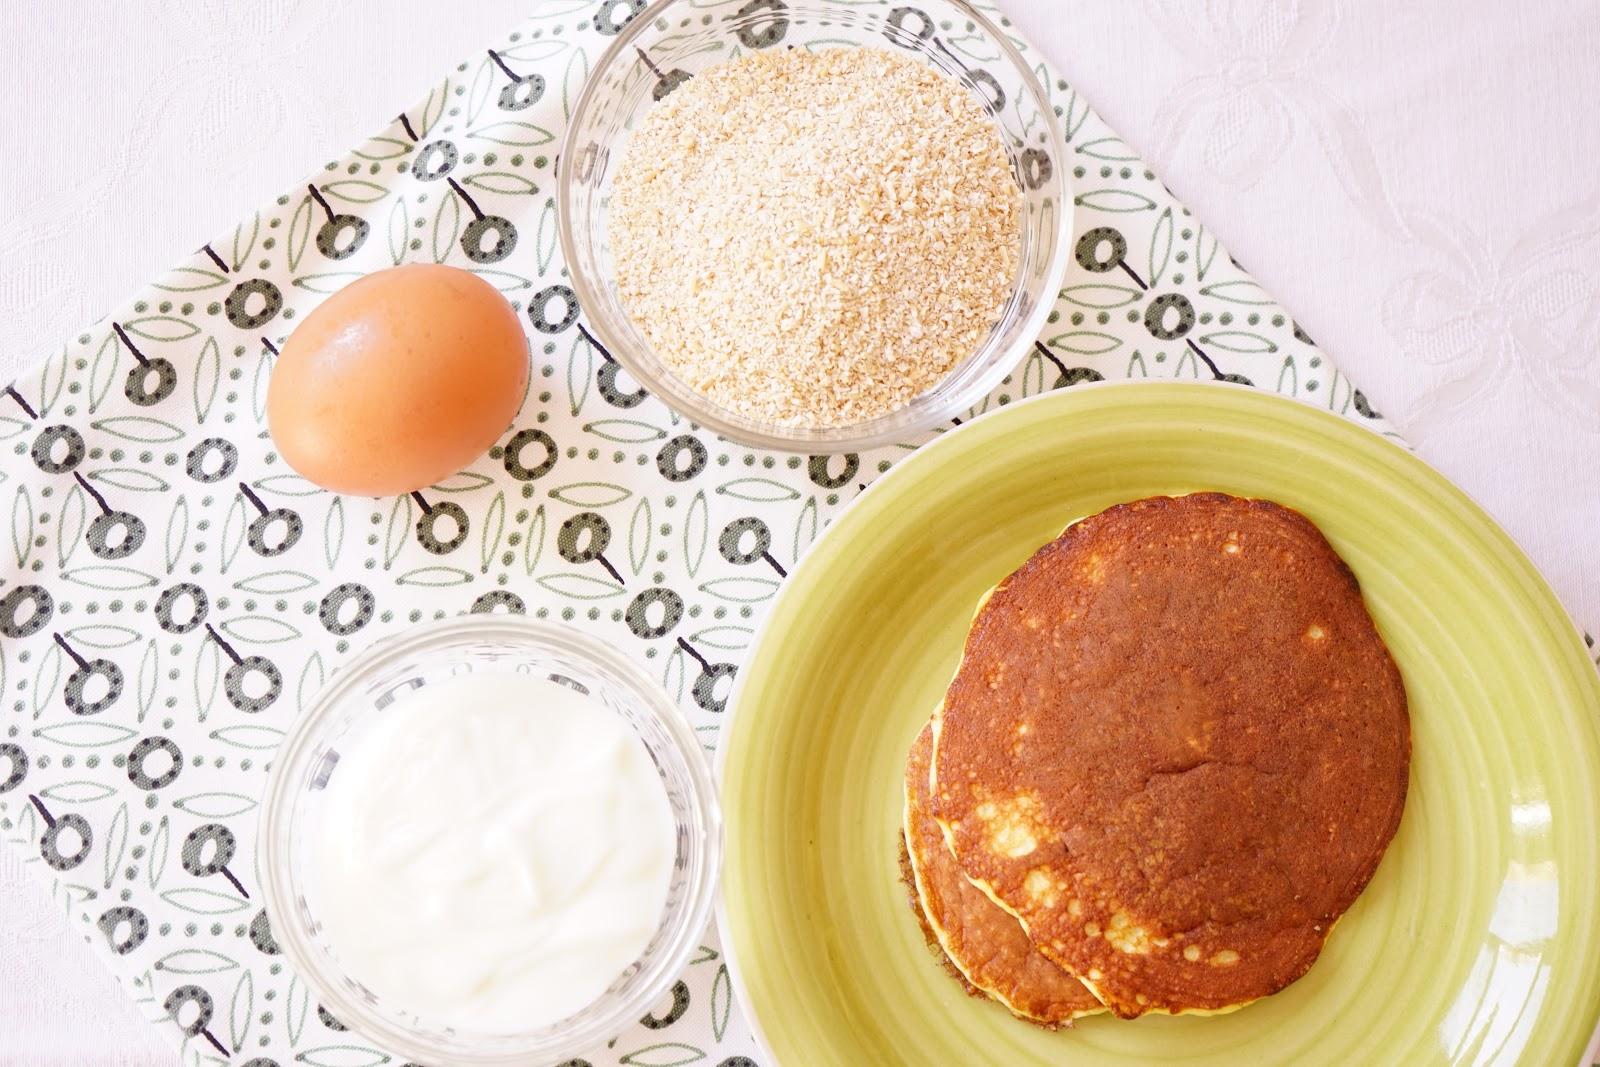 dieta dukan ricetta colazione prima fase